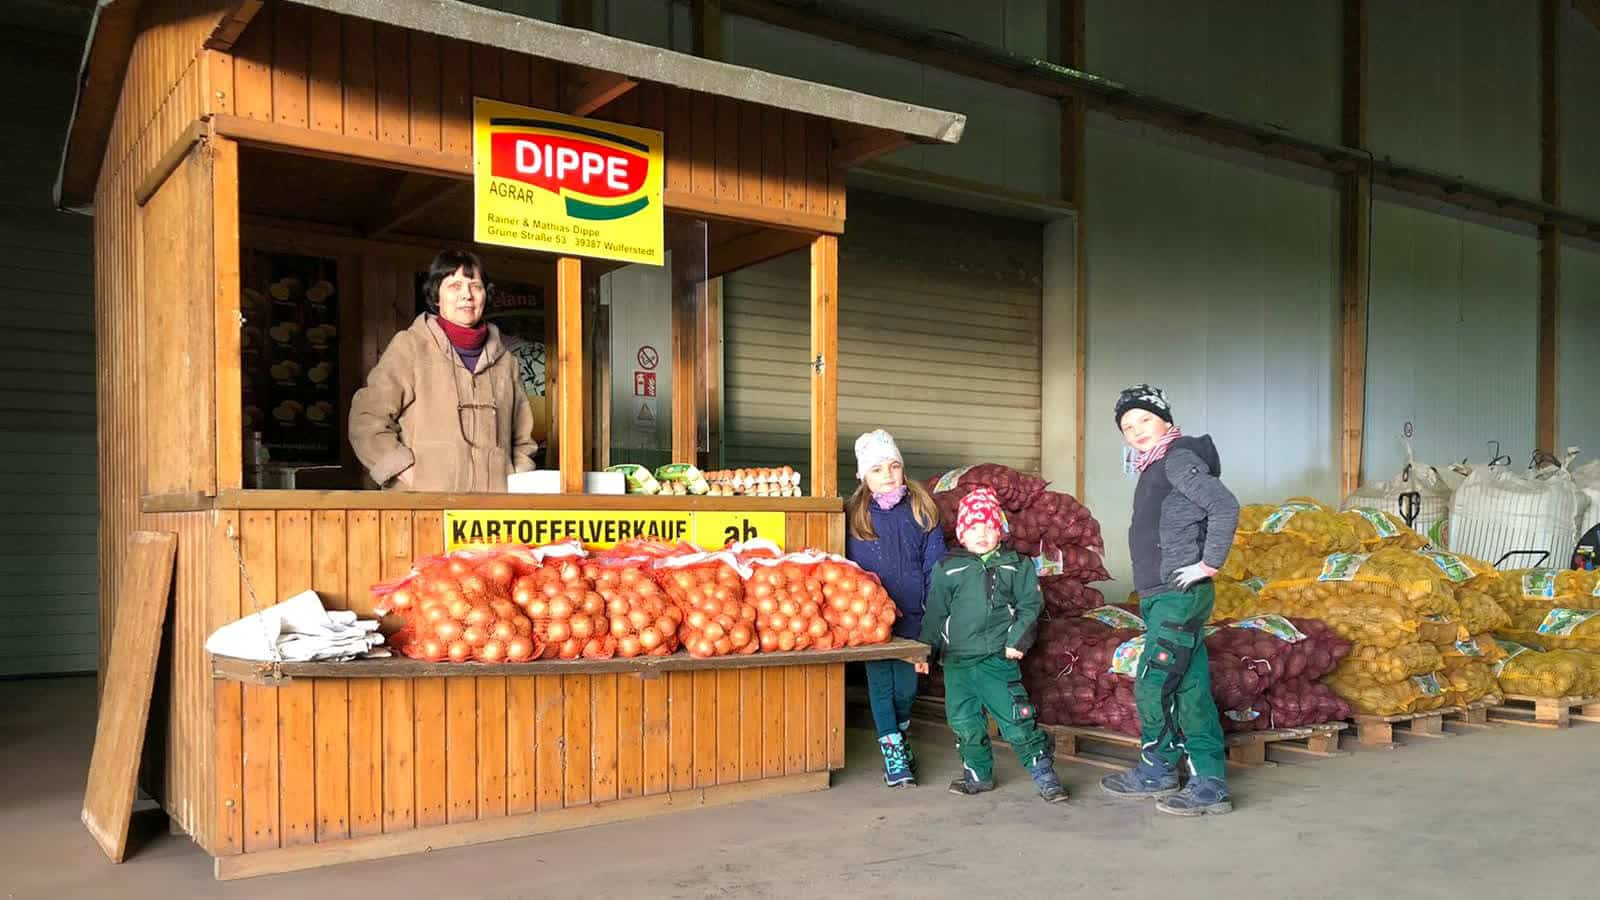 Kartoffel Verkauf